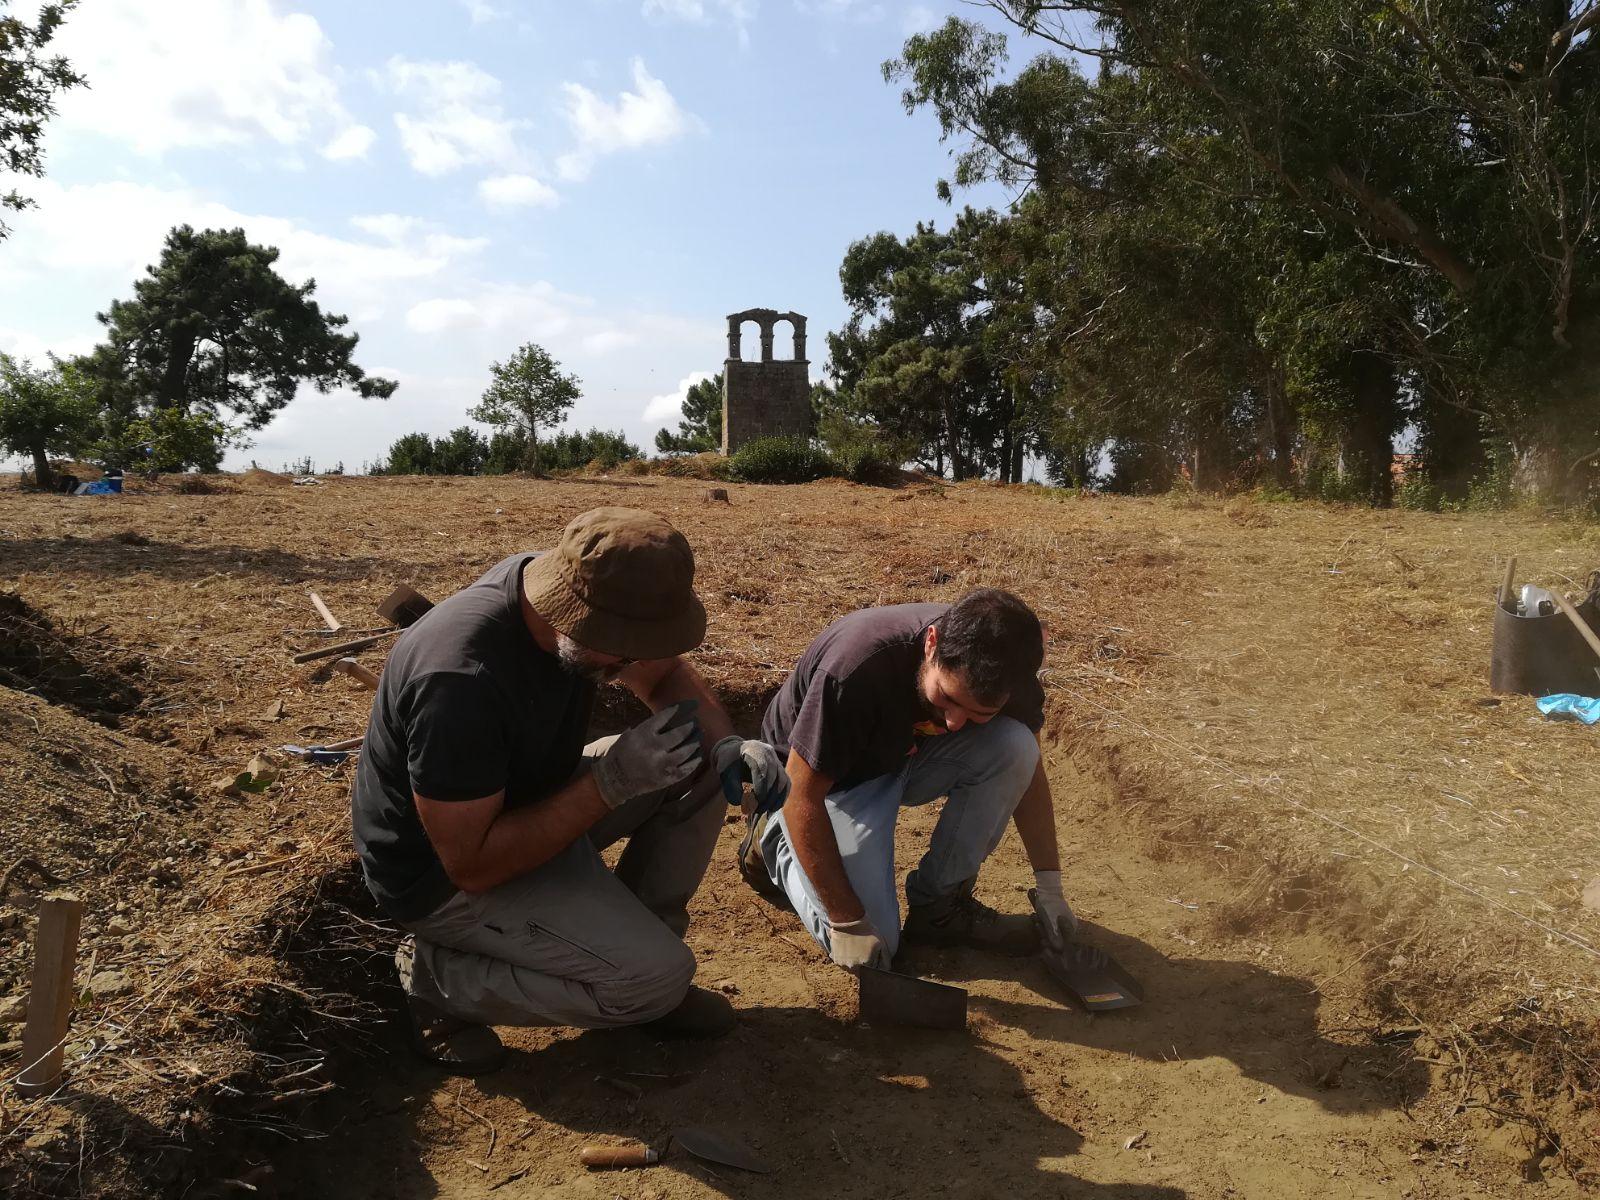 Los arqueólogos Mario César y Francisco Alonso durante la intervención en el castro de Cálago (Vilanova de Arousa, Pontevedra)